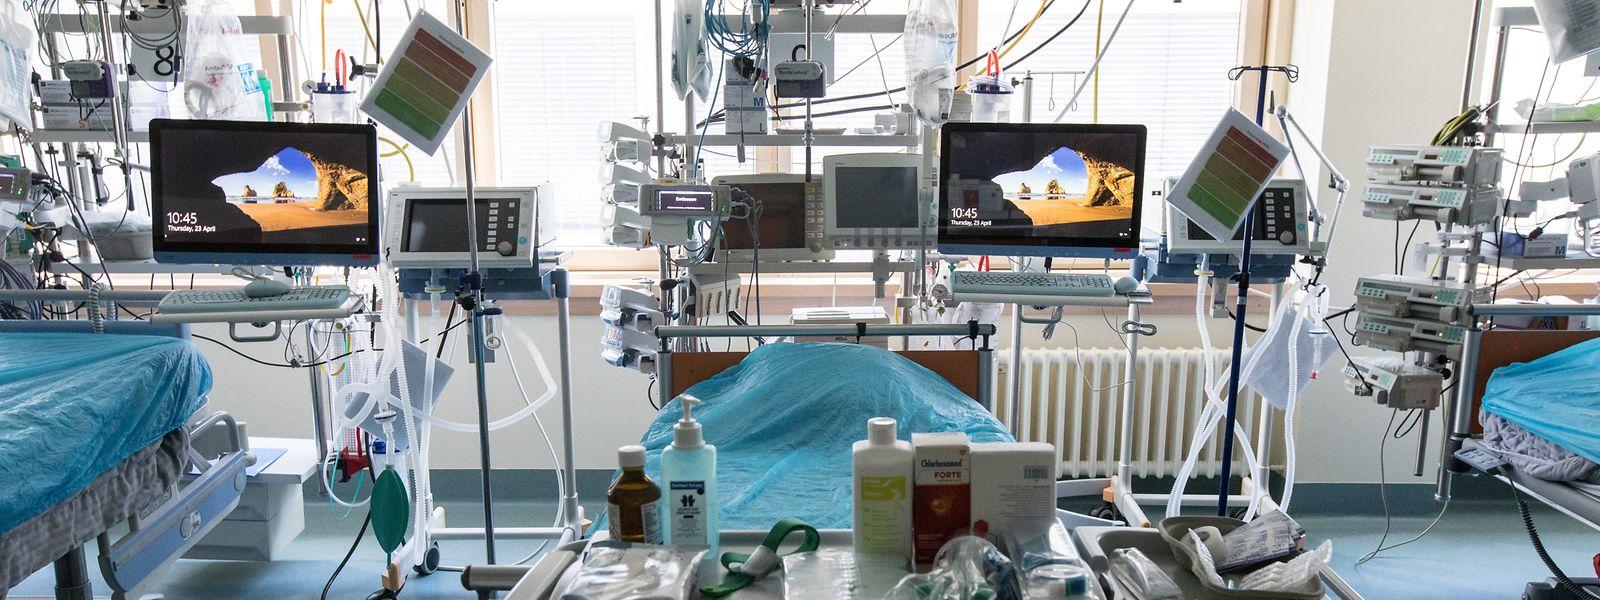 Insgesamt 850 Covid-19-Patienten konnten in Luxemburg bislang nach einer erfolgreichen Behandlung das Krankenhaus wieder verlassen.